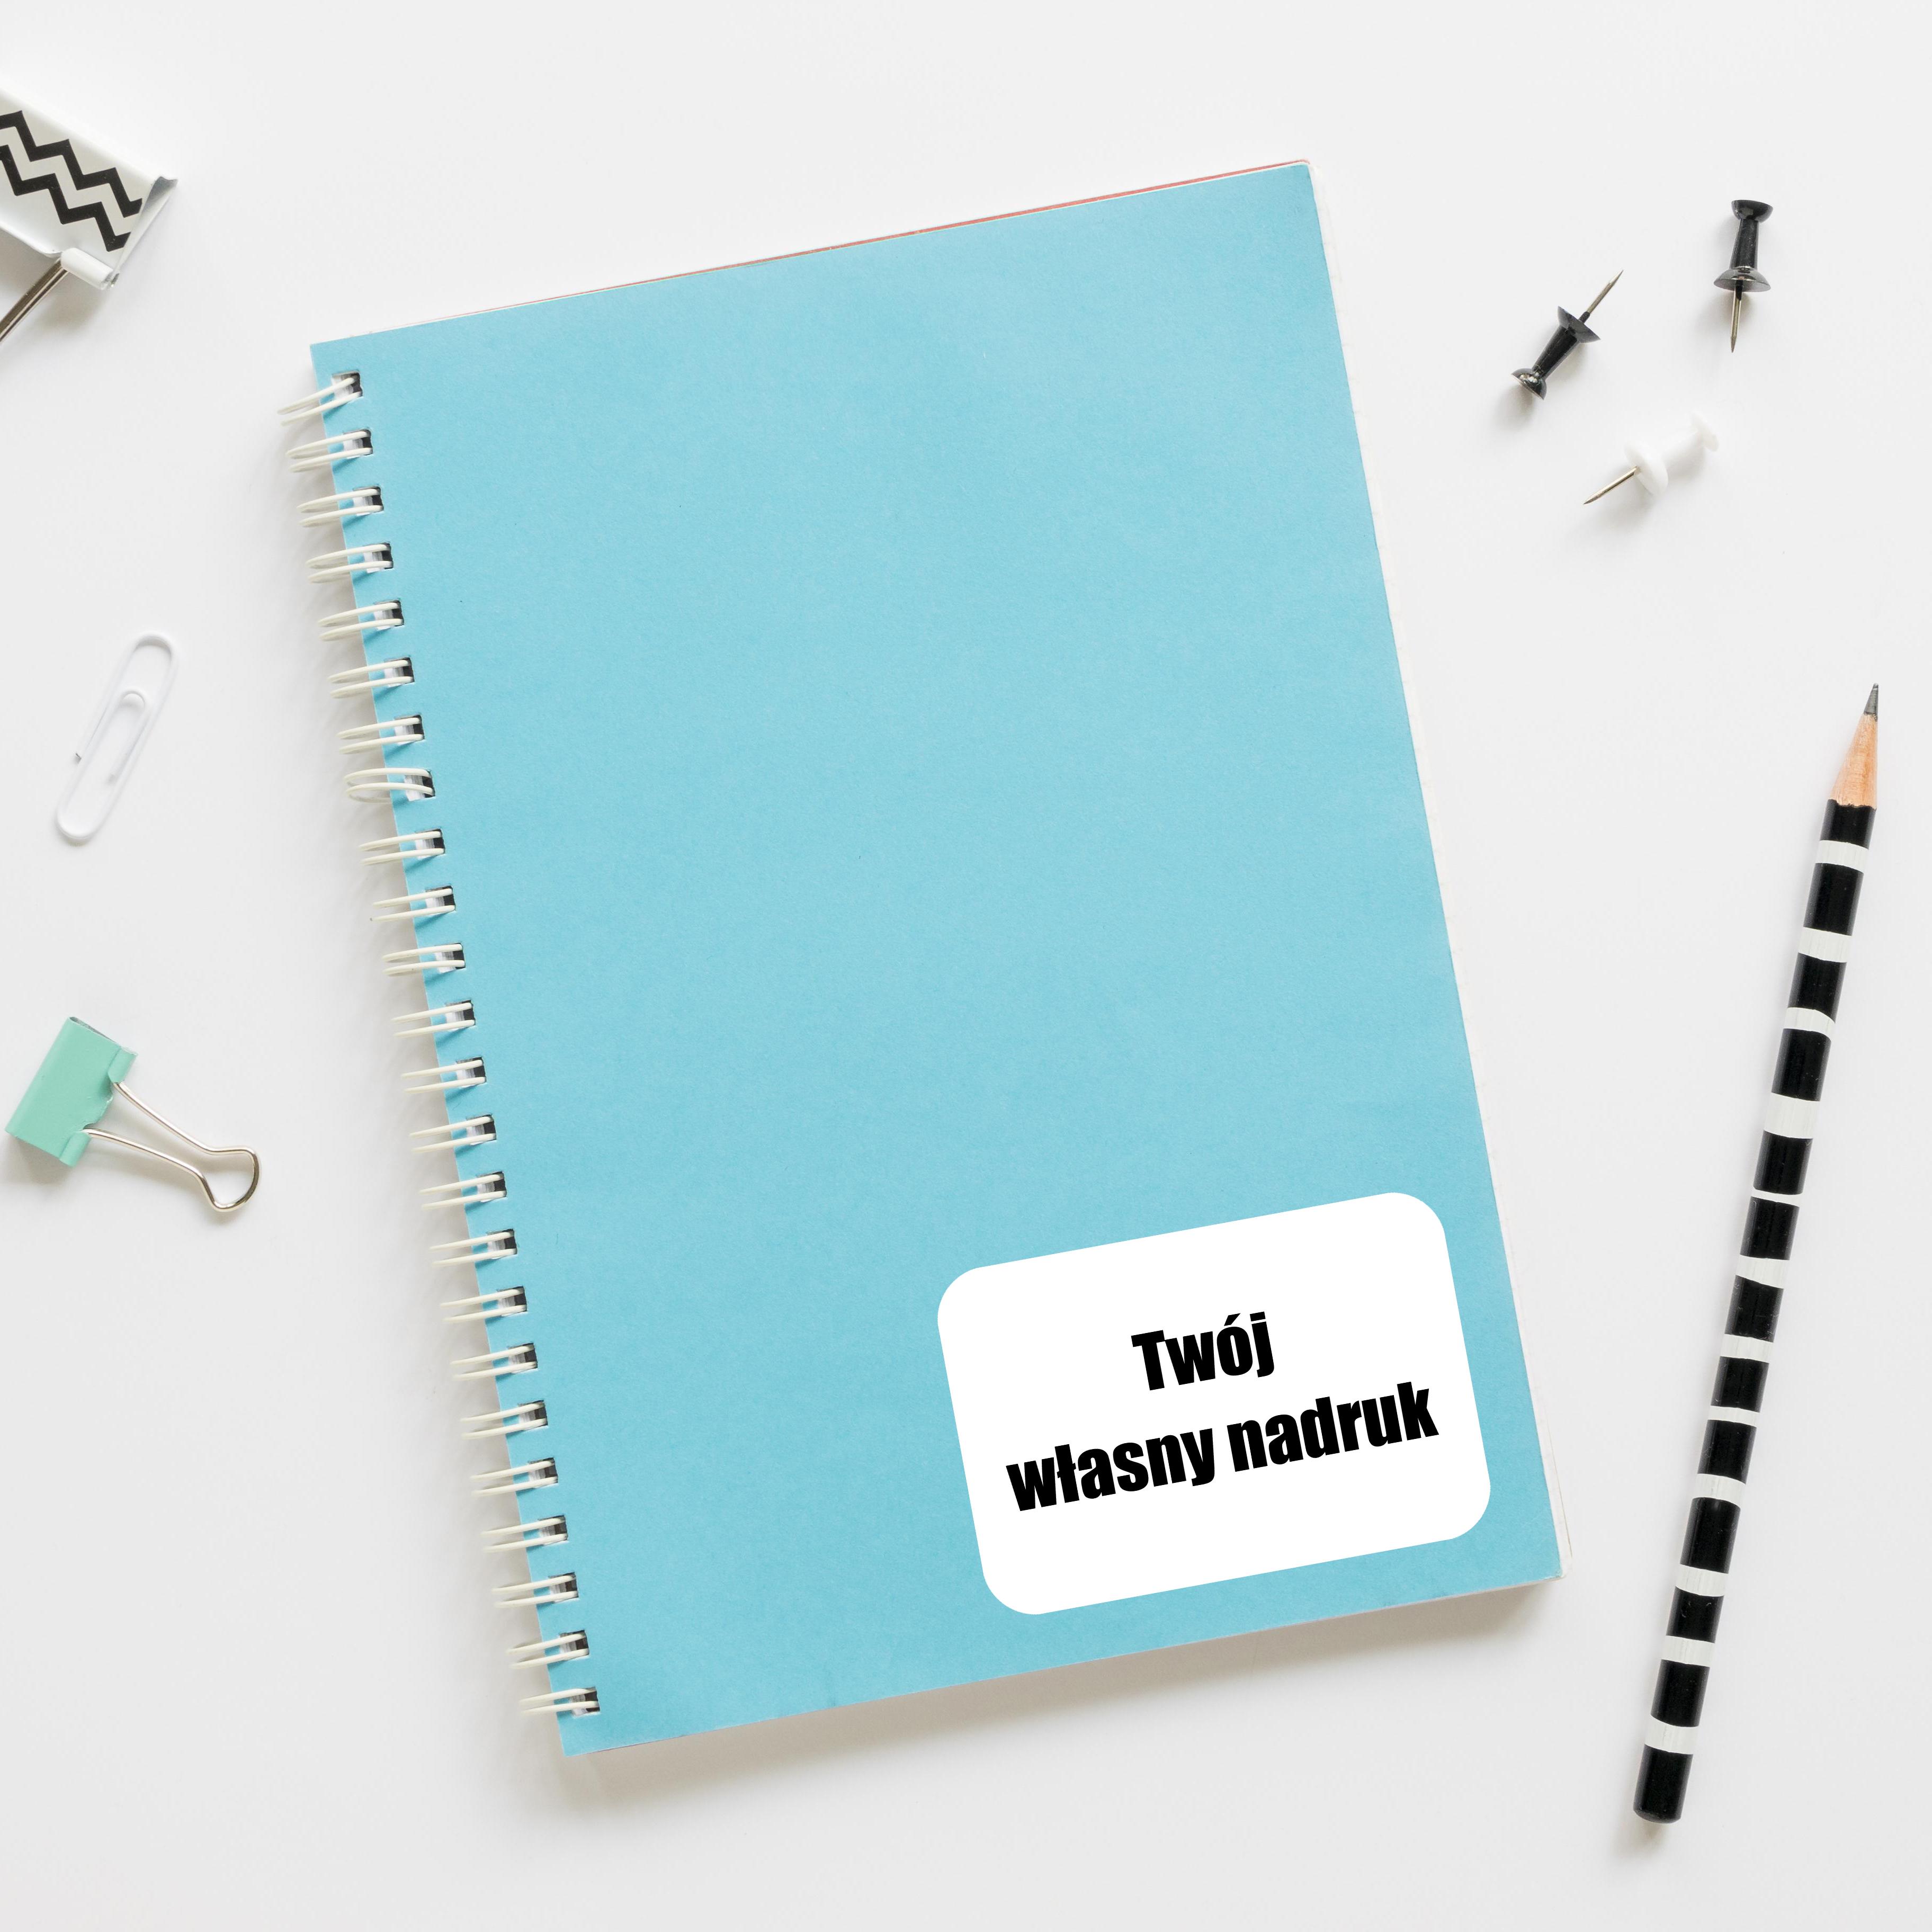 Naklejki na zeszyt książki podręczniki nalepki imienne etykiety personalizowane Twój własny nadruk